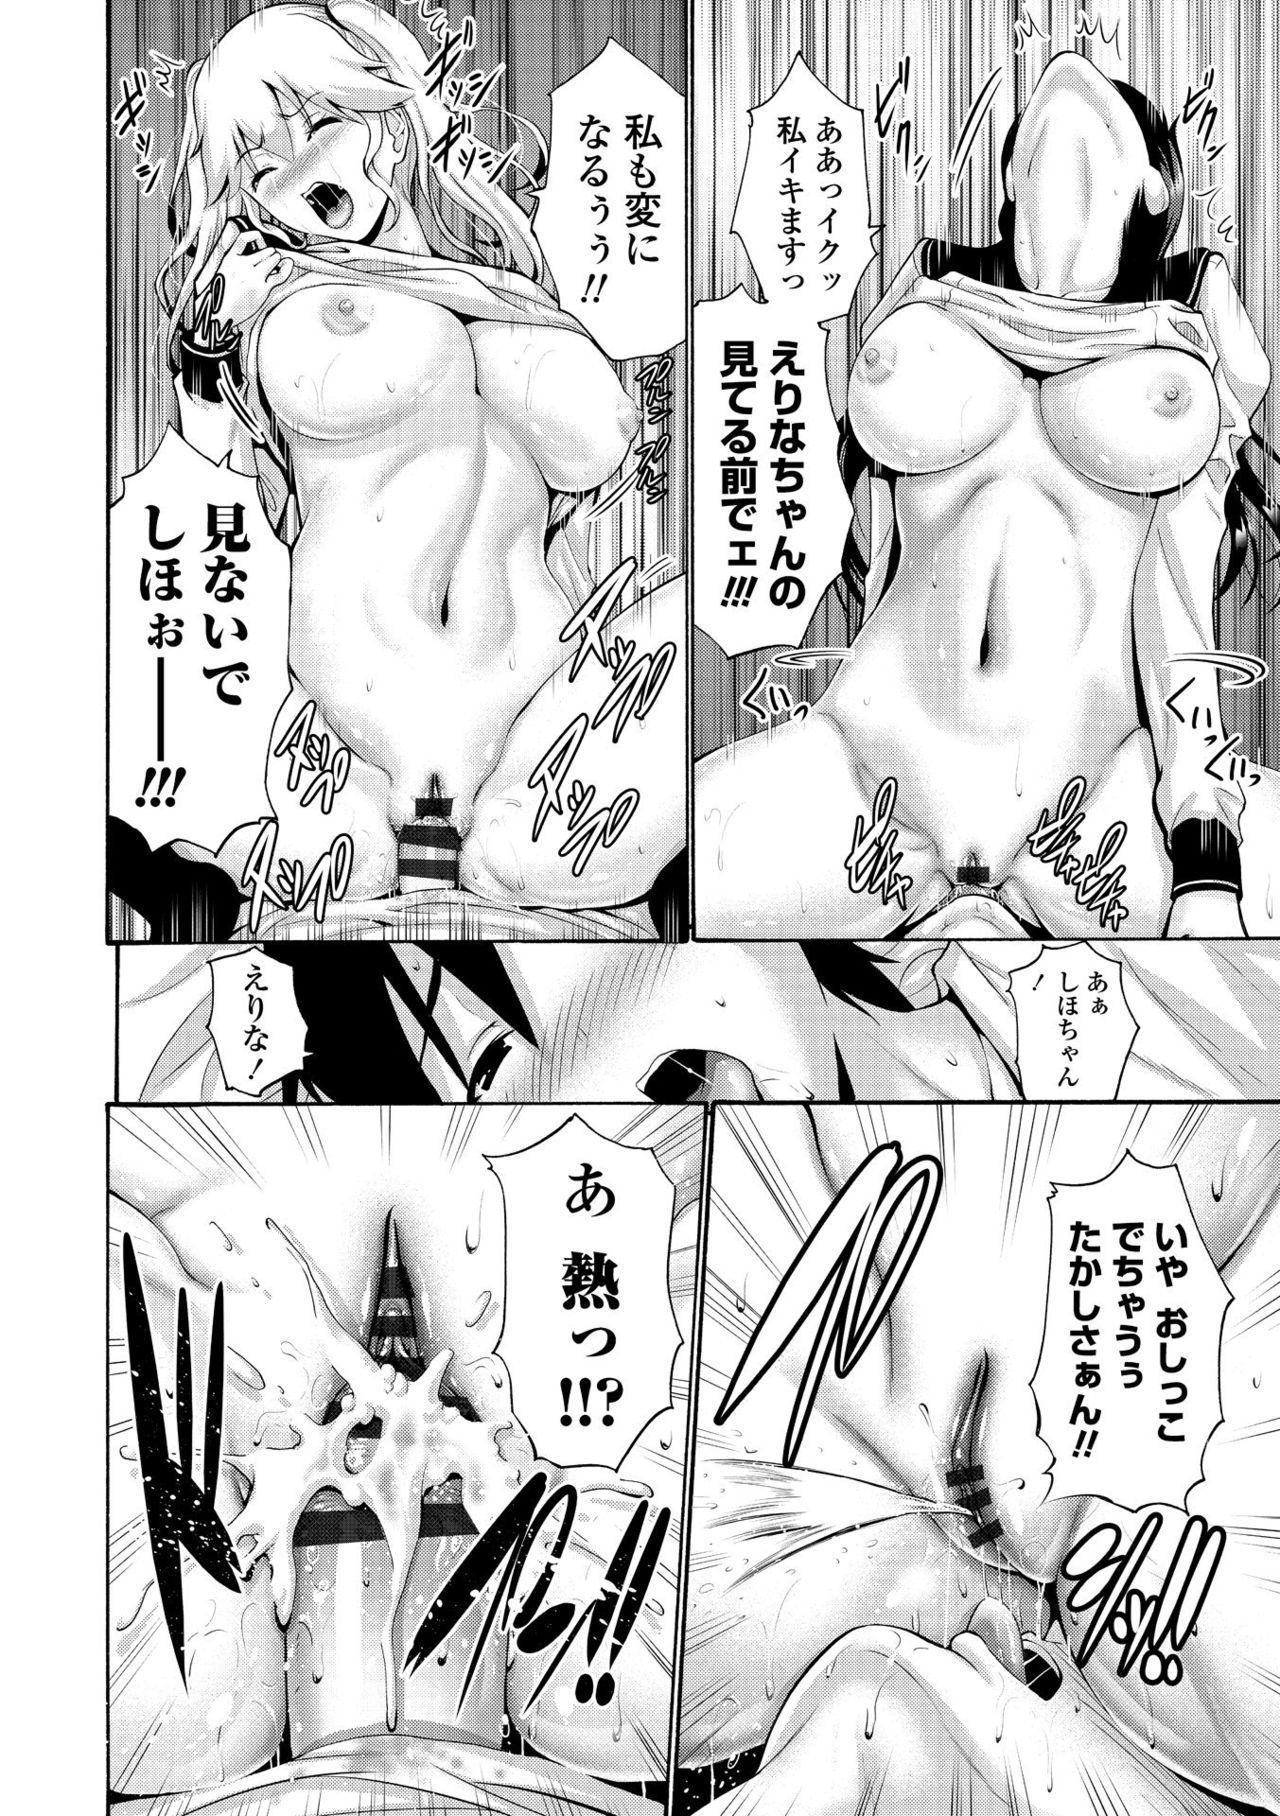 Imouto no Naka wa Ii mono da 37